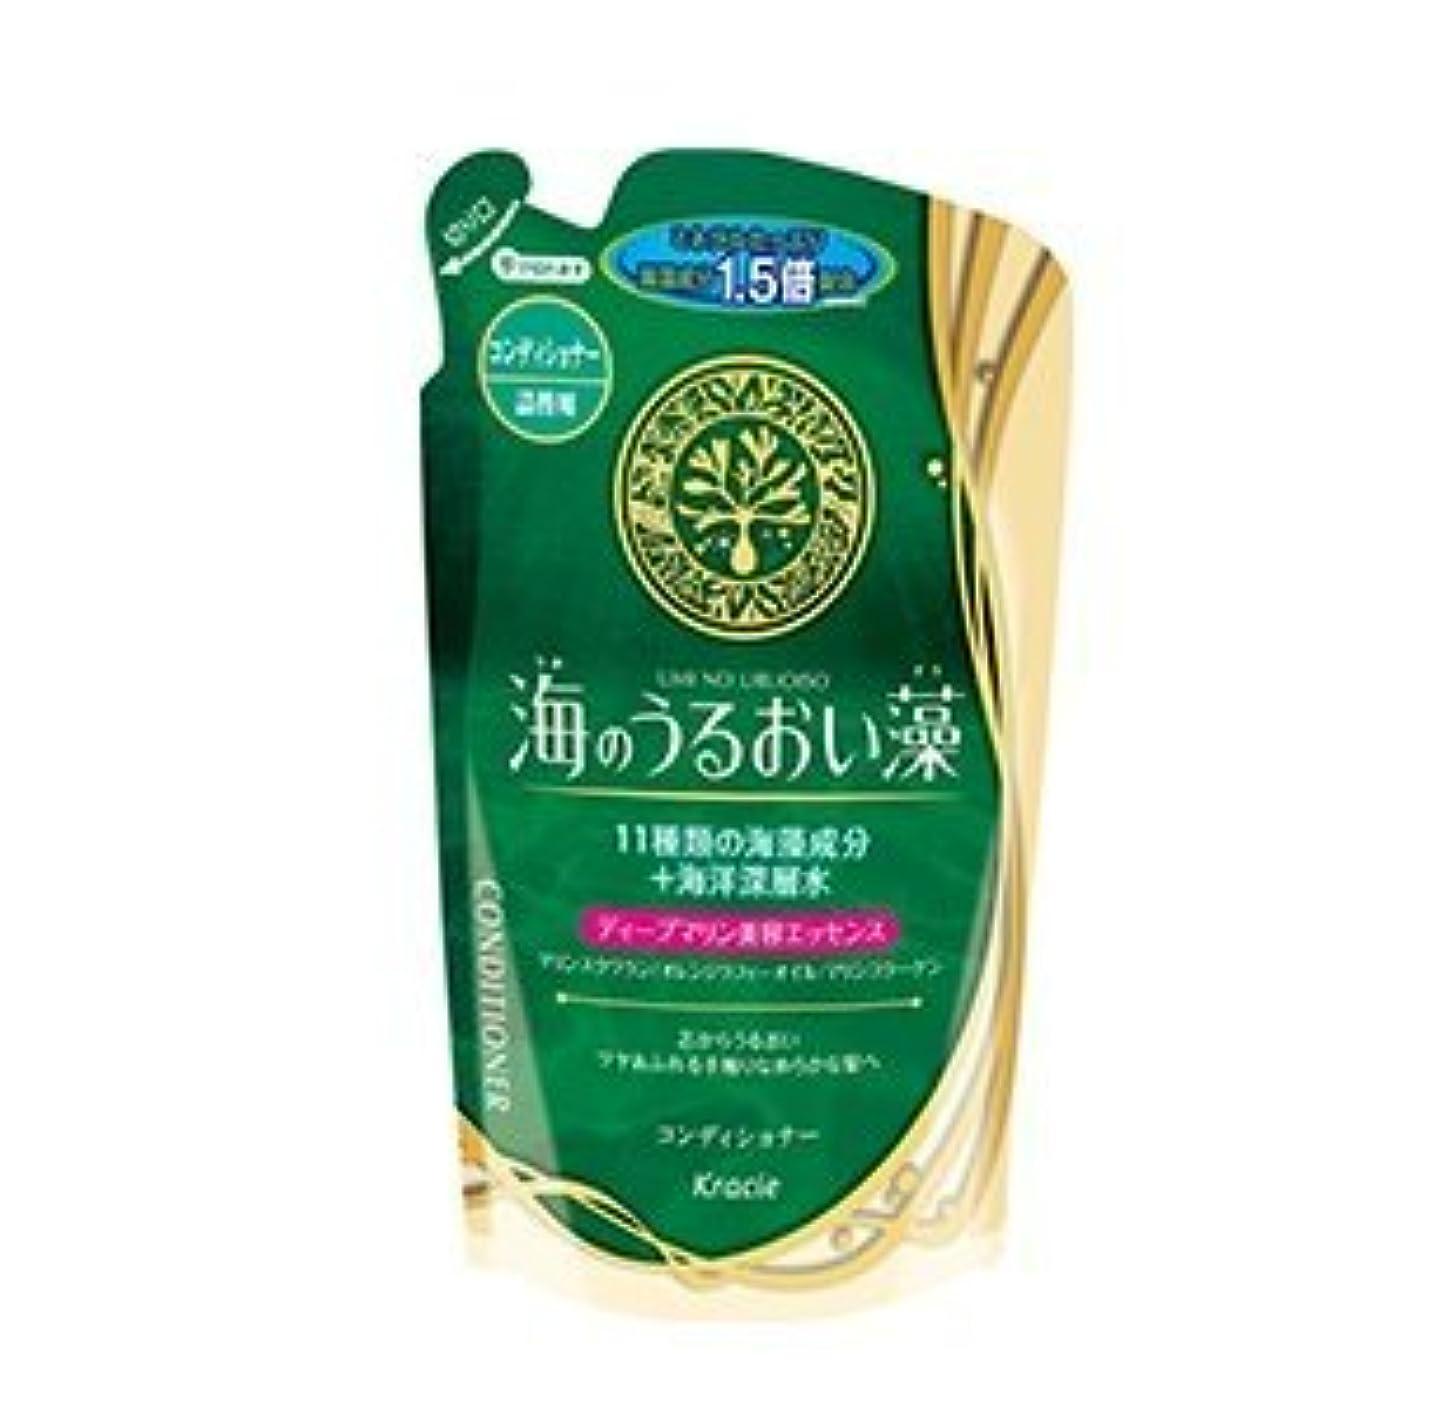 もろいセンチメンタル広範囲【まとめ買い】海のうるおい藻 コンディショナー 詰替用 420mL ×2セット